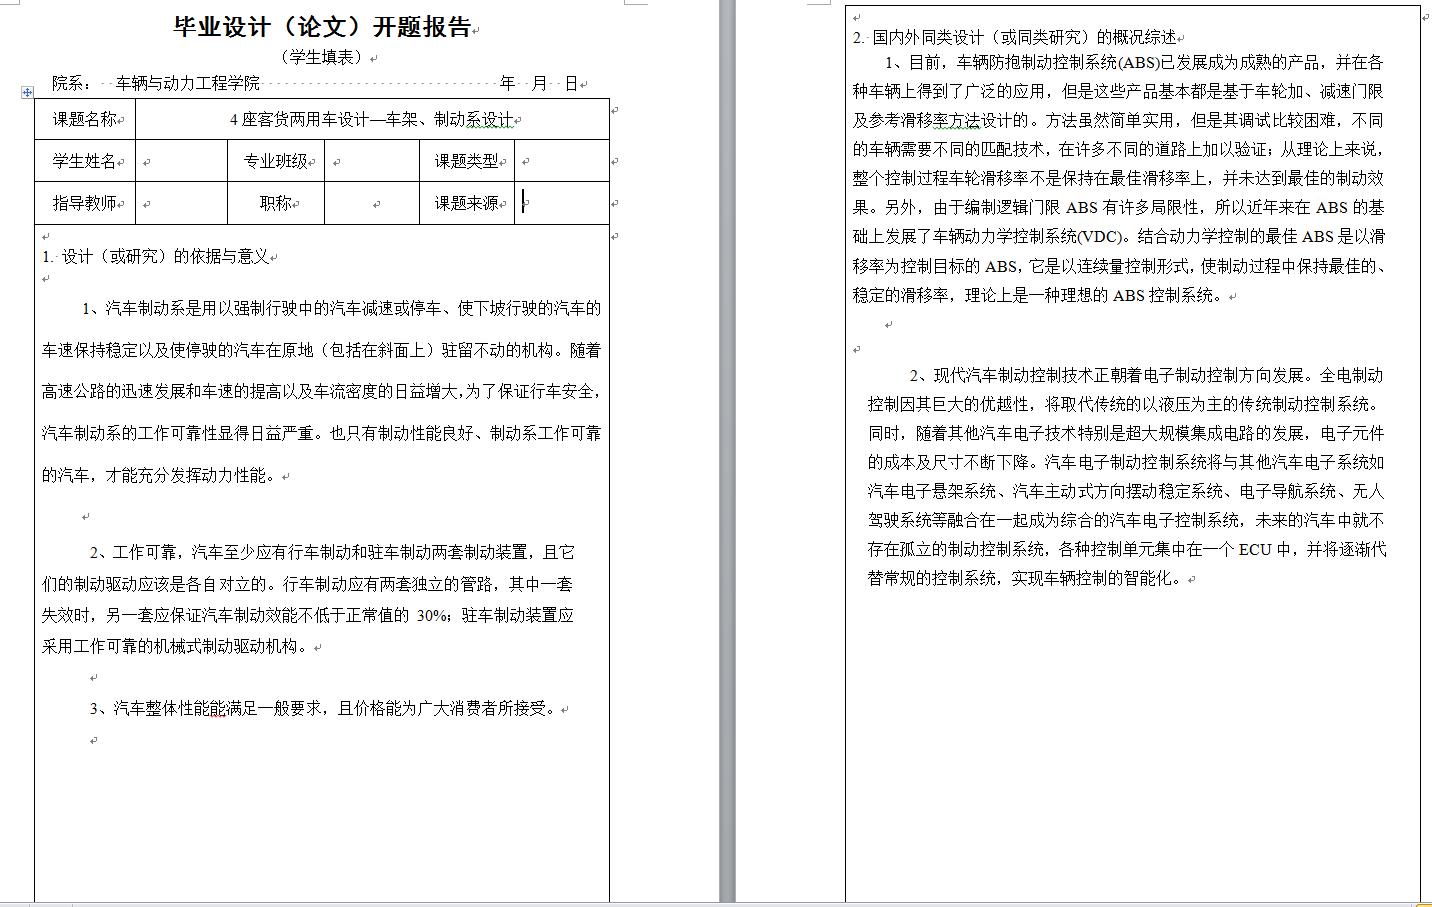 4座客货两用车设计-车架、制动系设计(CAD图+翻译)